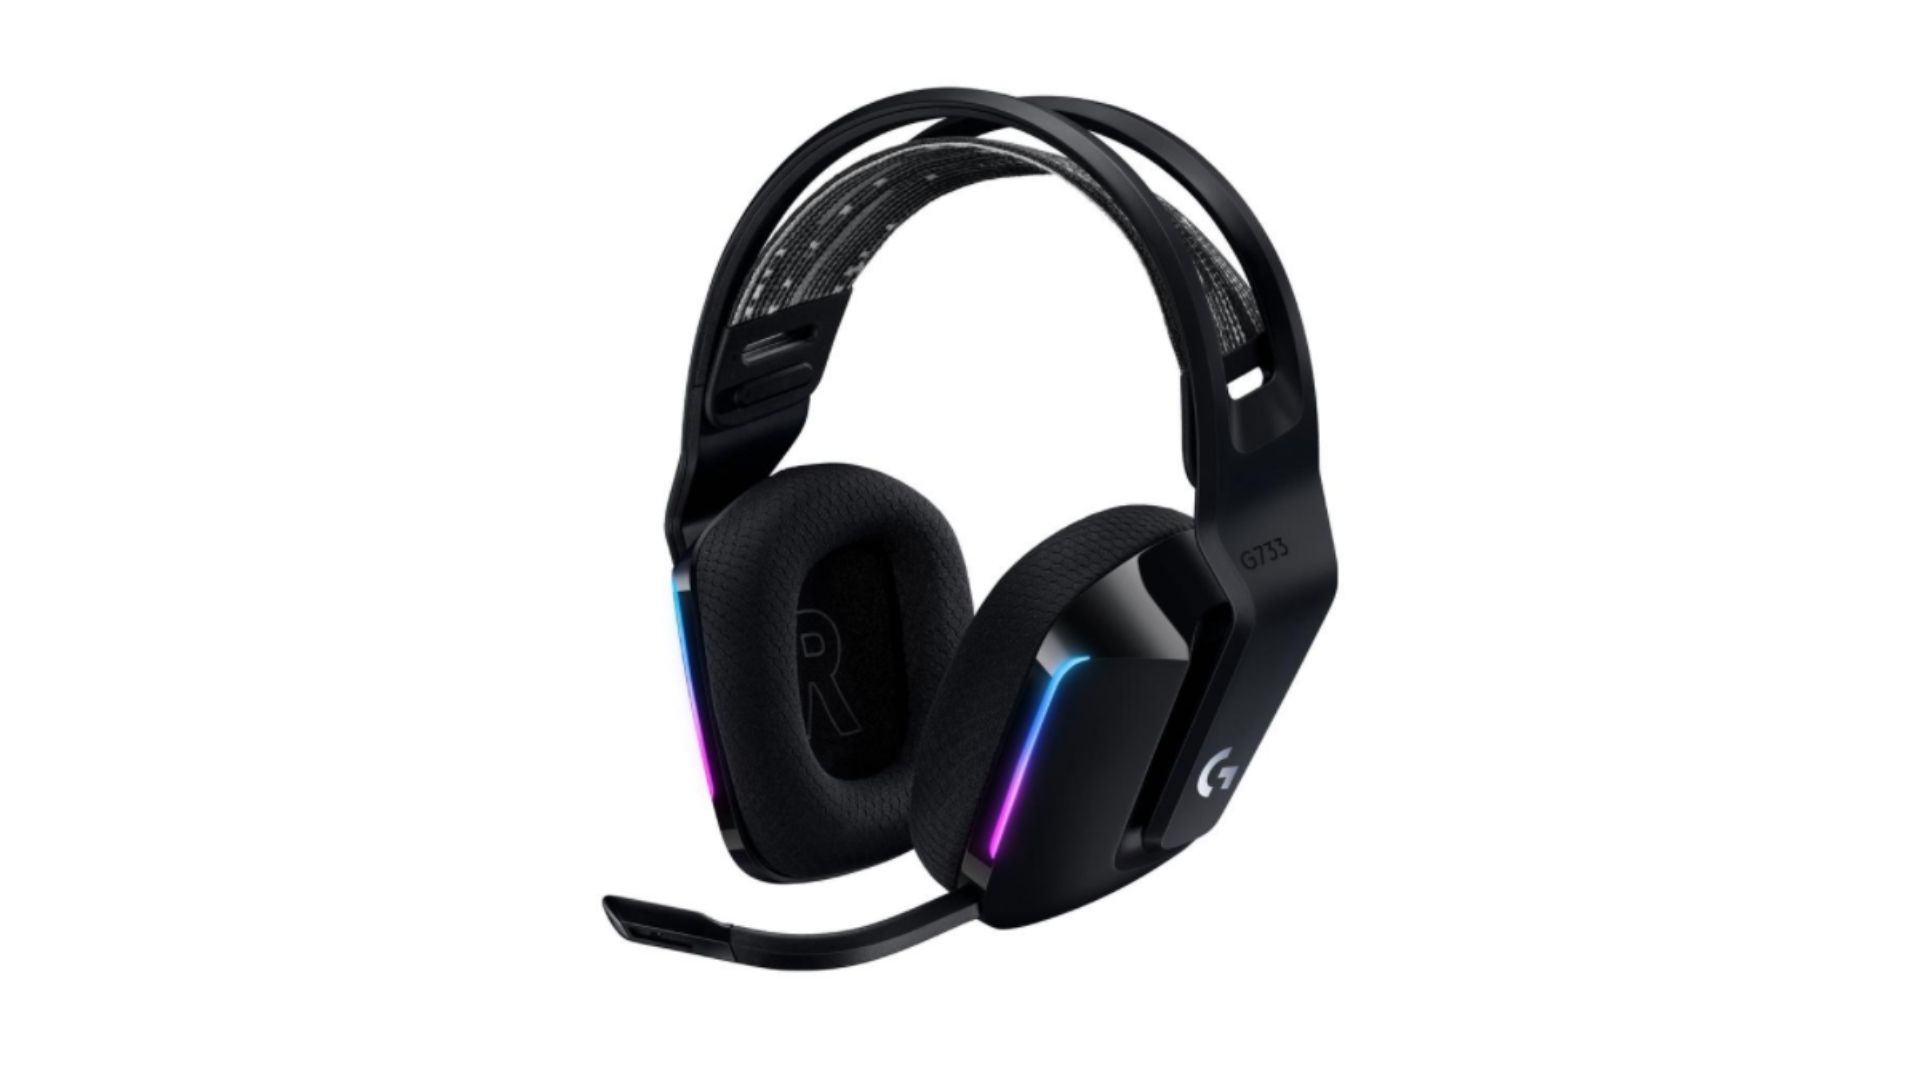 Headset Logitech G733 com arco para cabeça e almofadas em tons de preto e iluminação RGB